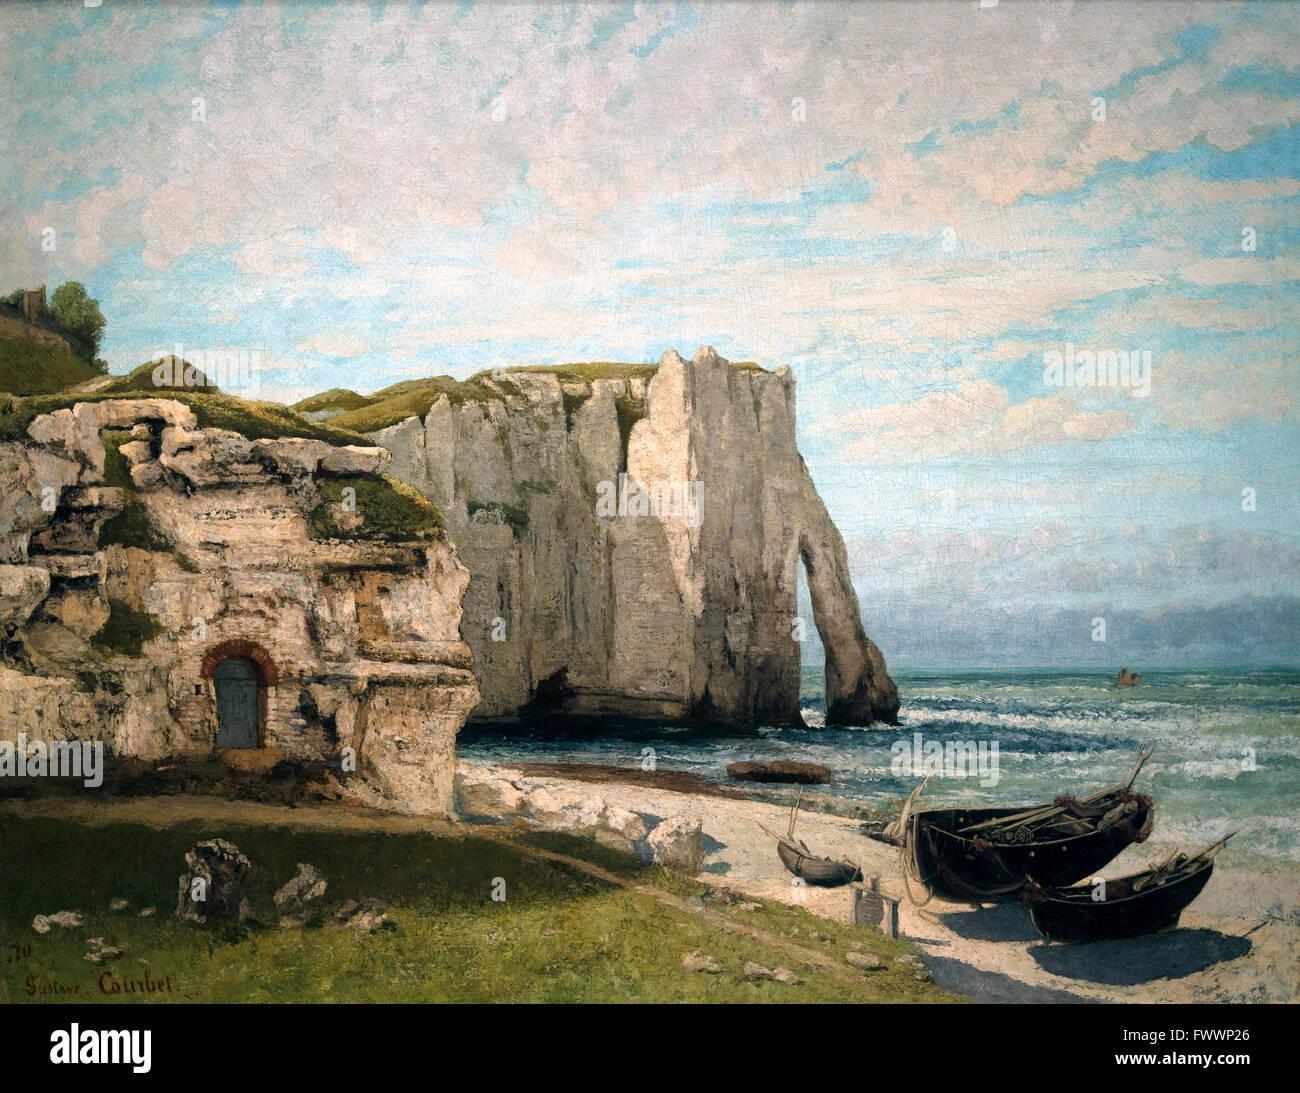 Etretat Cliffs after the Storm, La Falaise d'Etretat apres L'Orage, by Gustave Courbet, 1870, Musee D'Orsay, Paris, Stock Photo